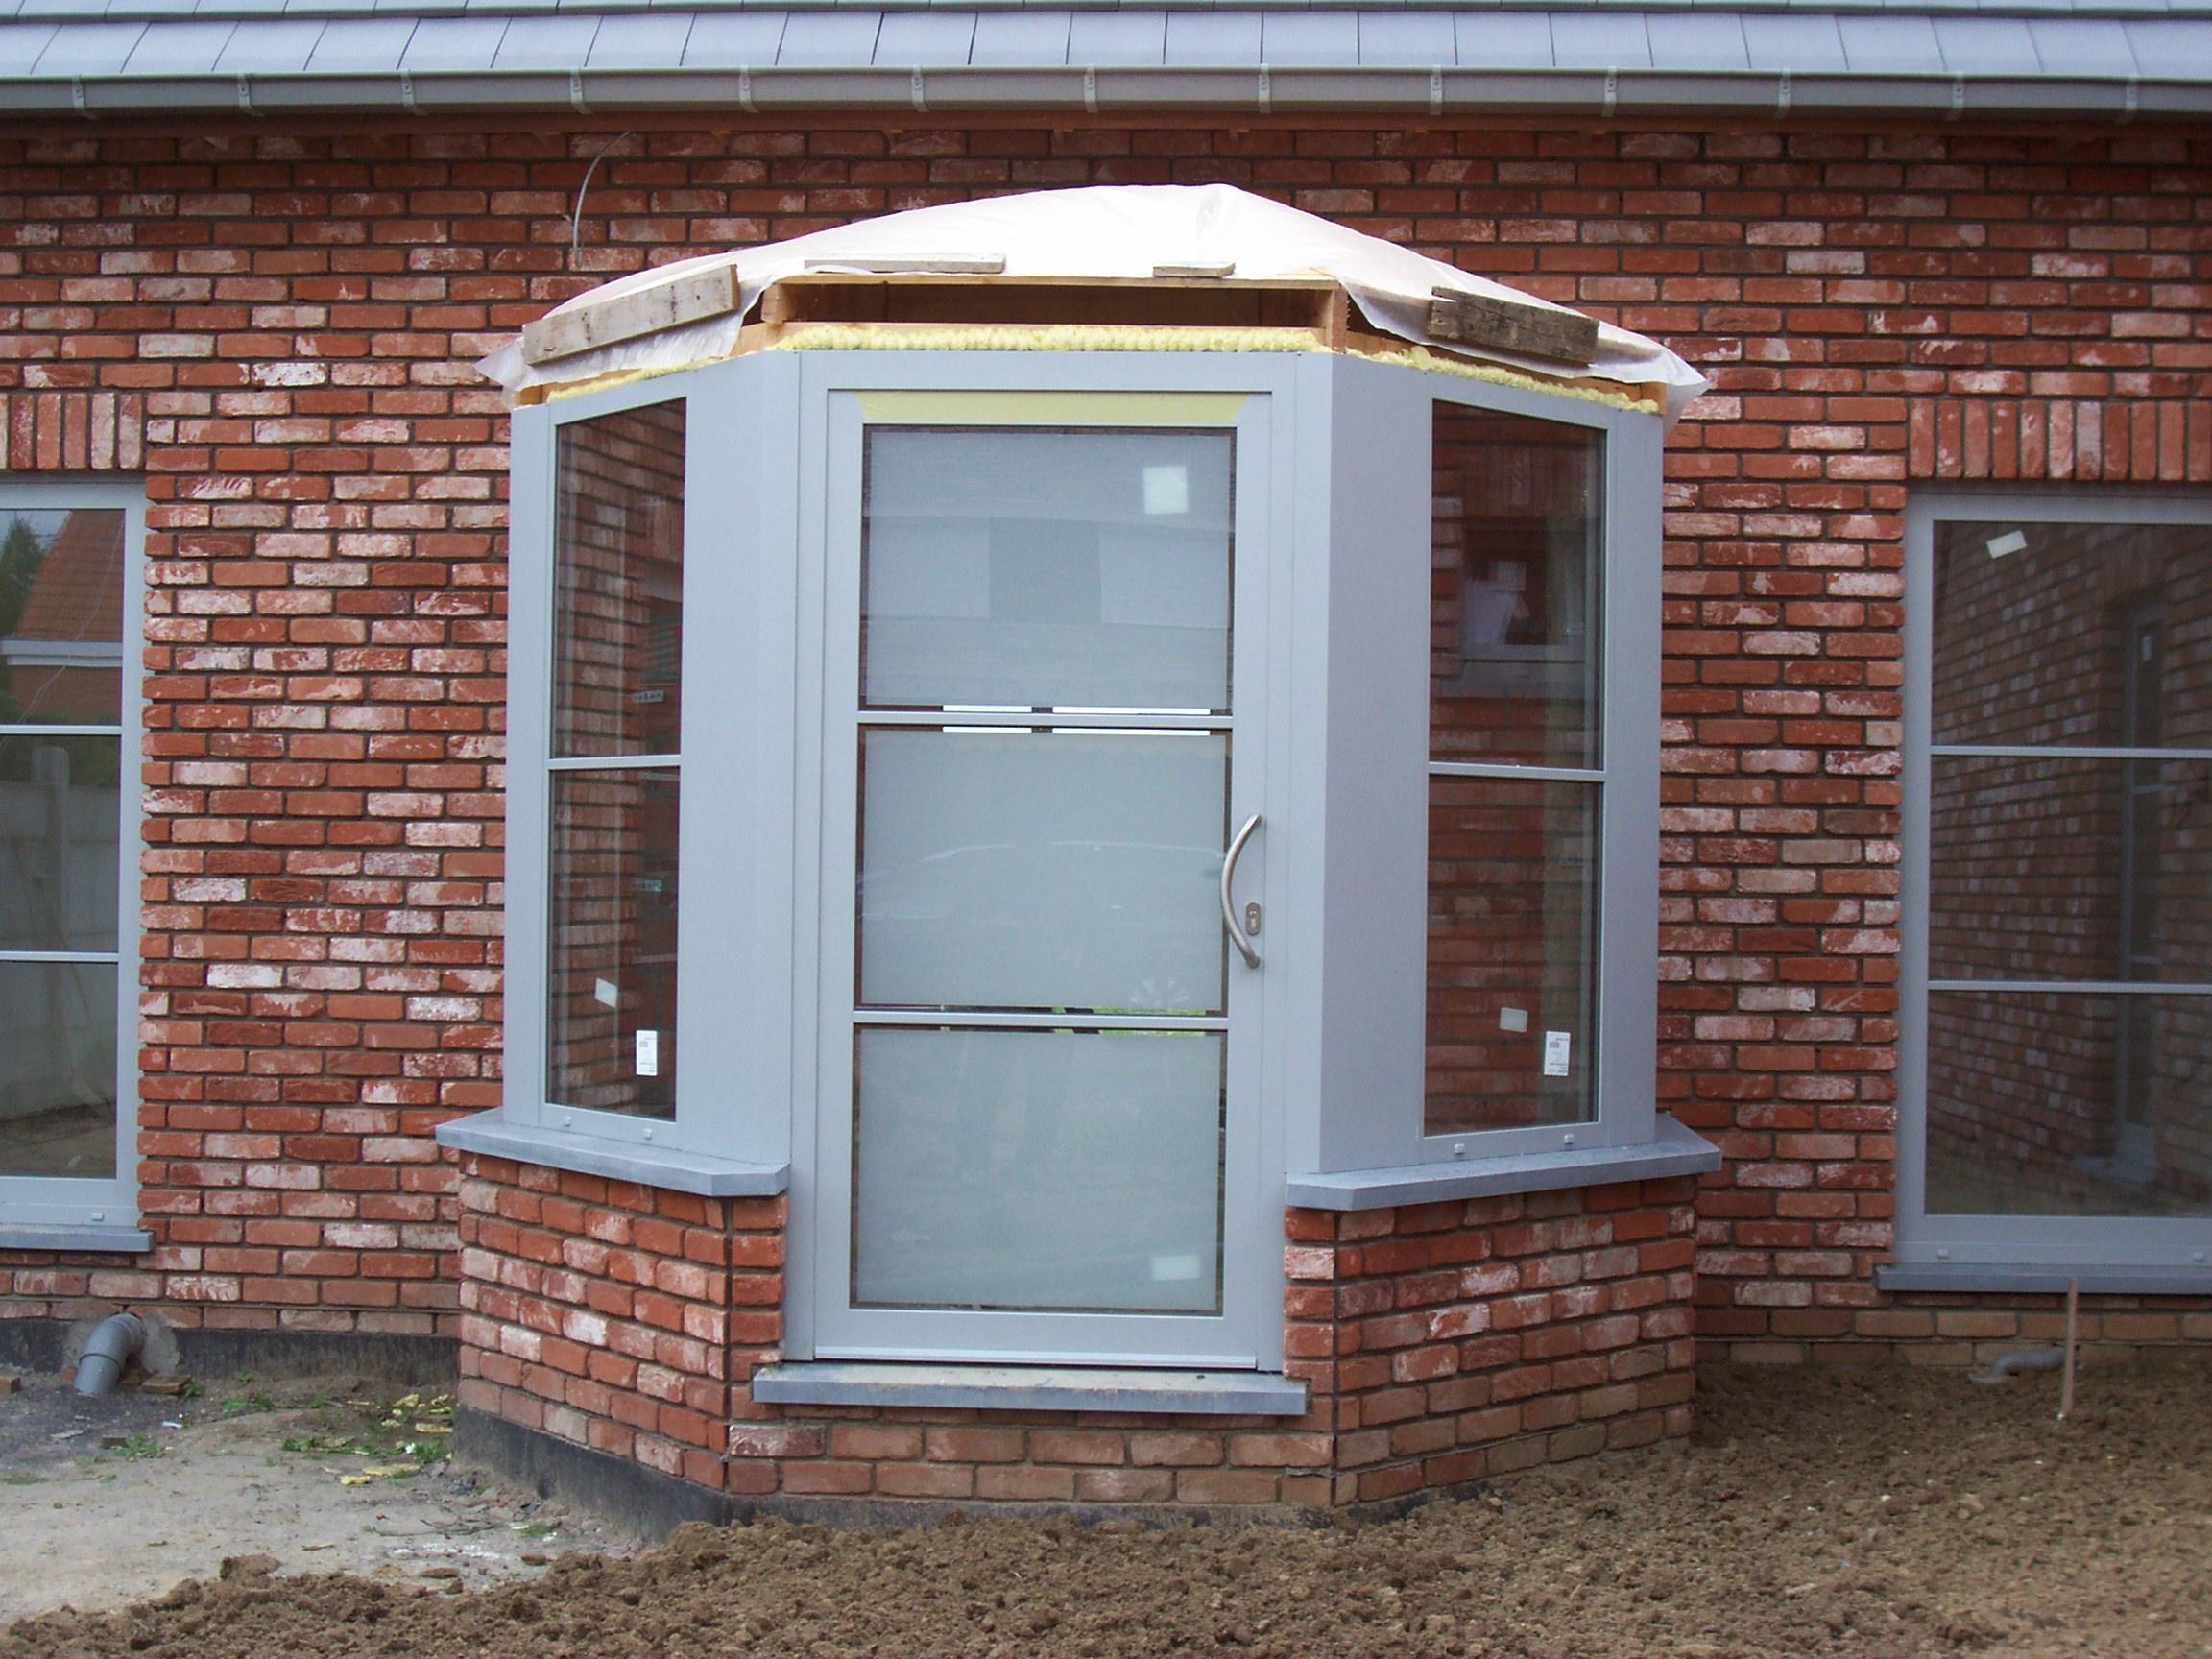 Porte alu en logia gris clair P701 vitrage sablé et croisillons 25mm collé deux faces